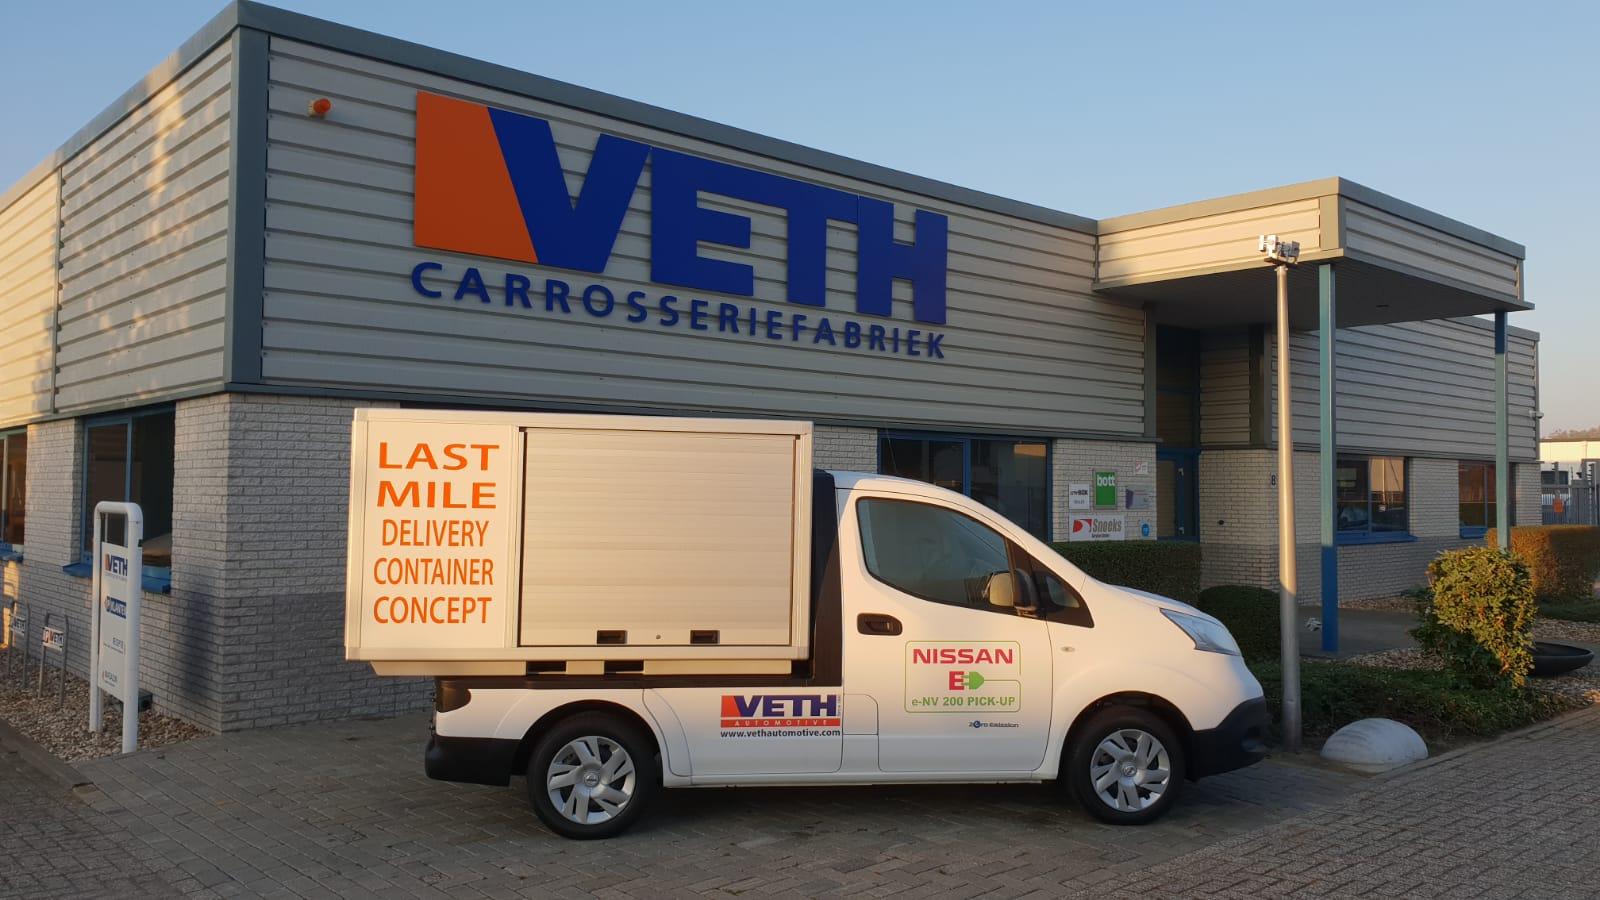 Nissan E Nv 200 Pick Up Veth Automotive